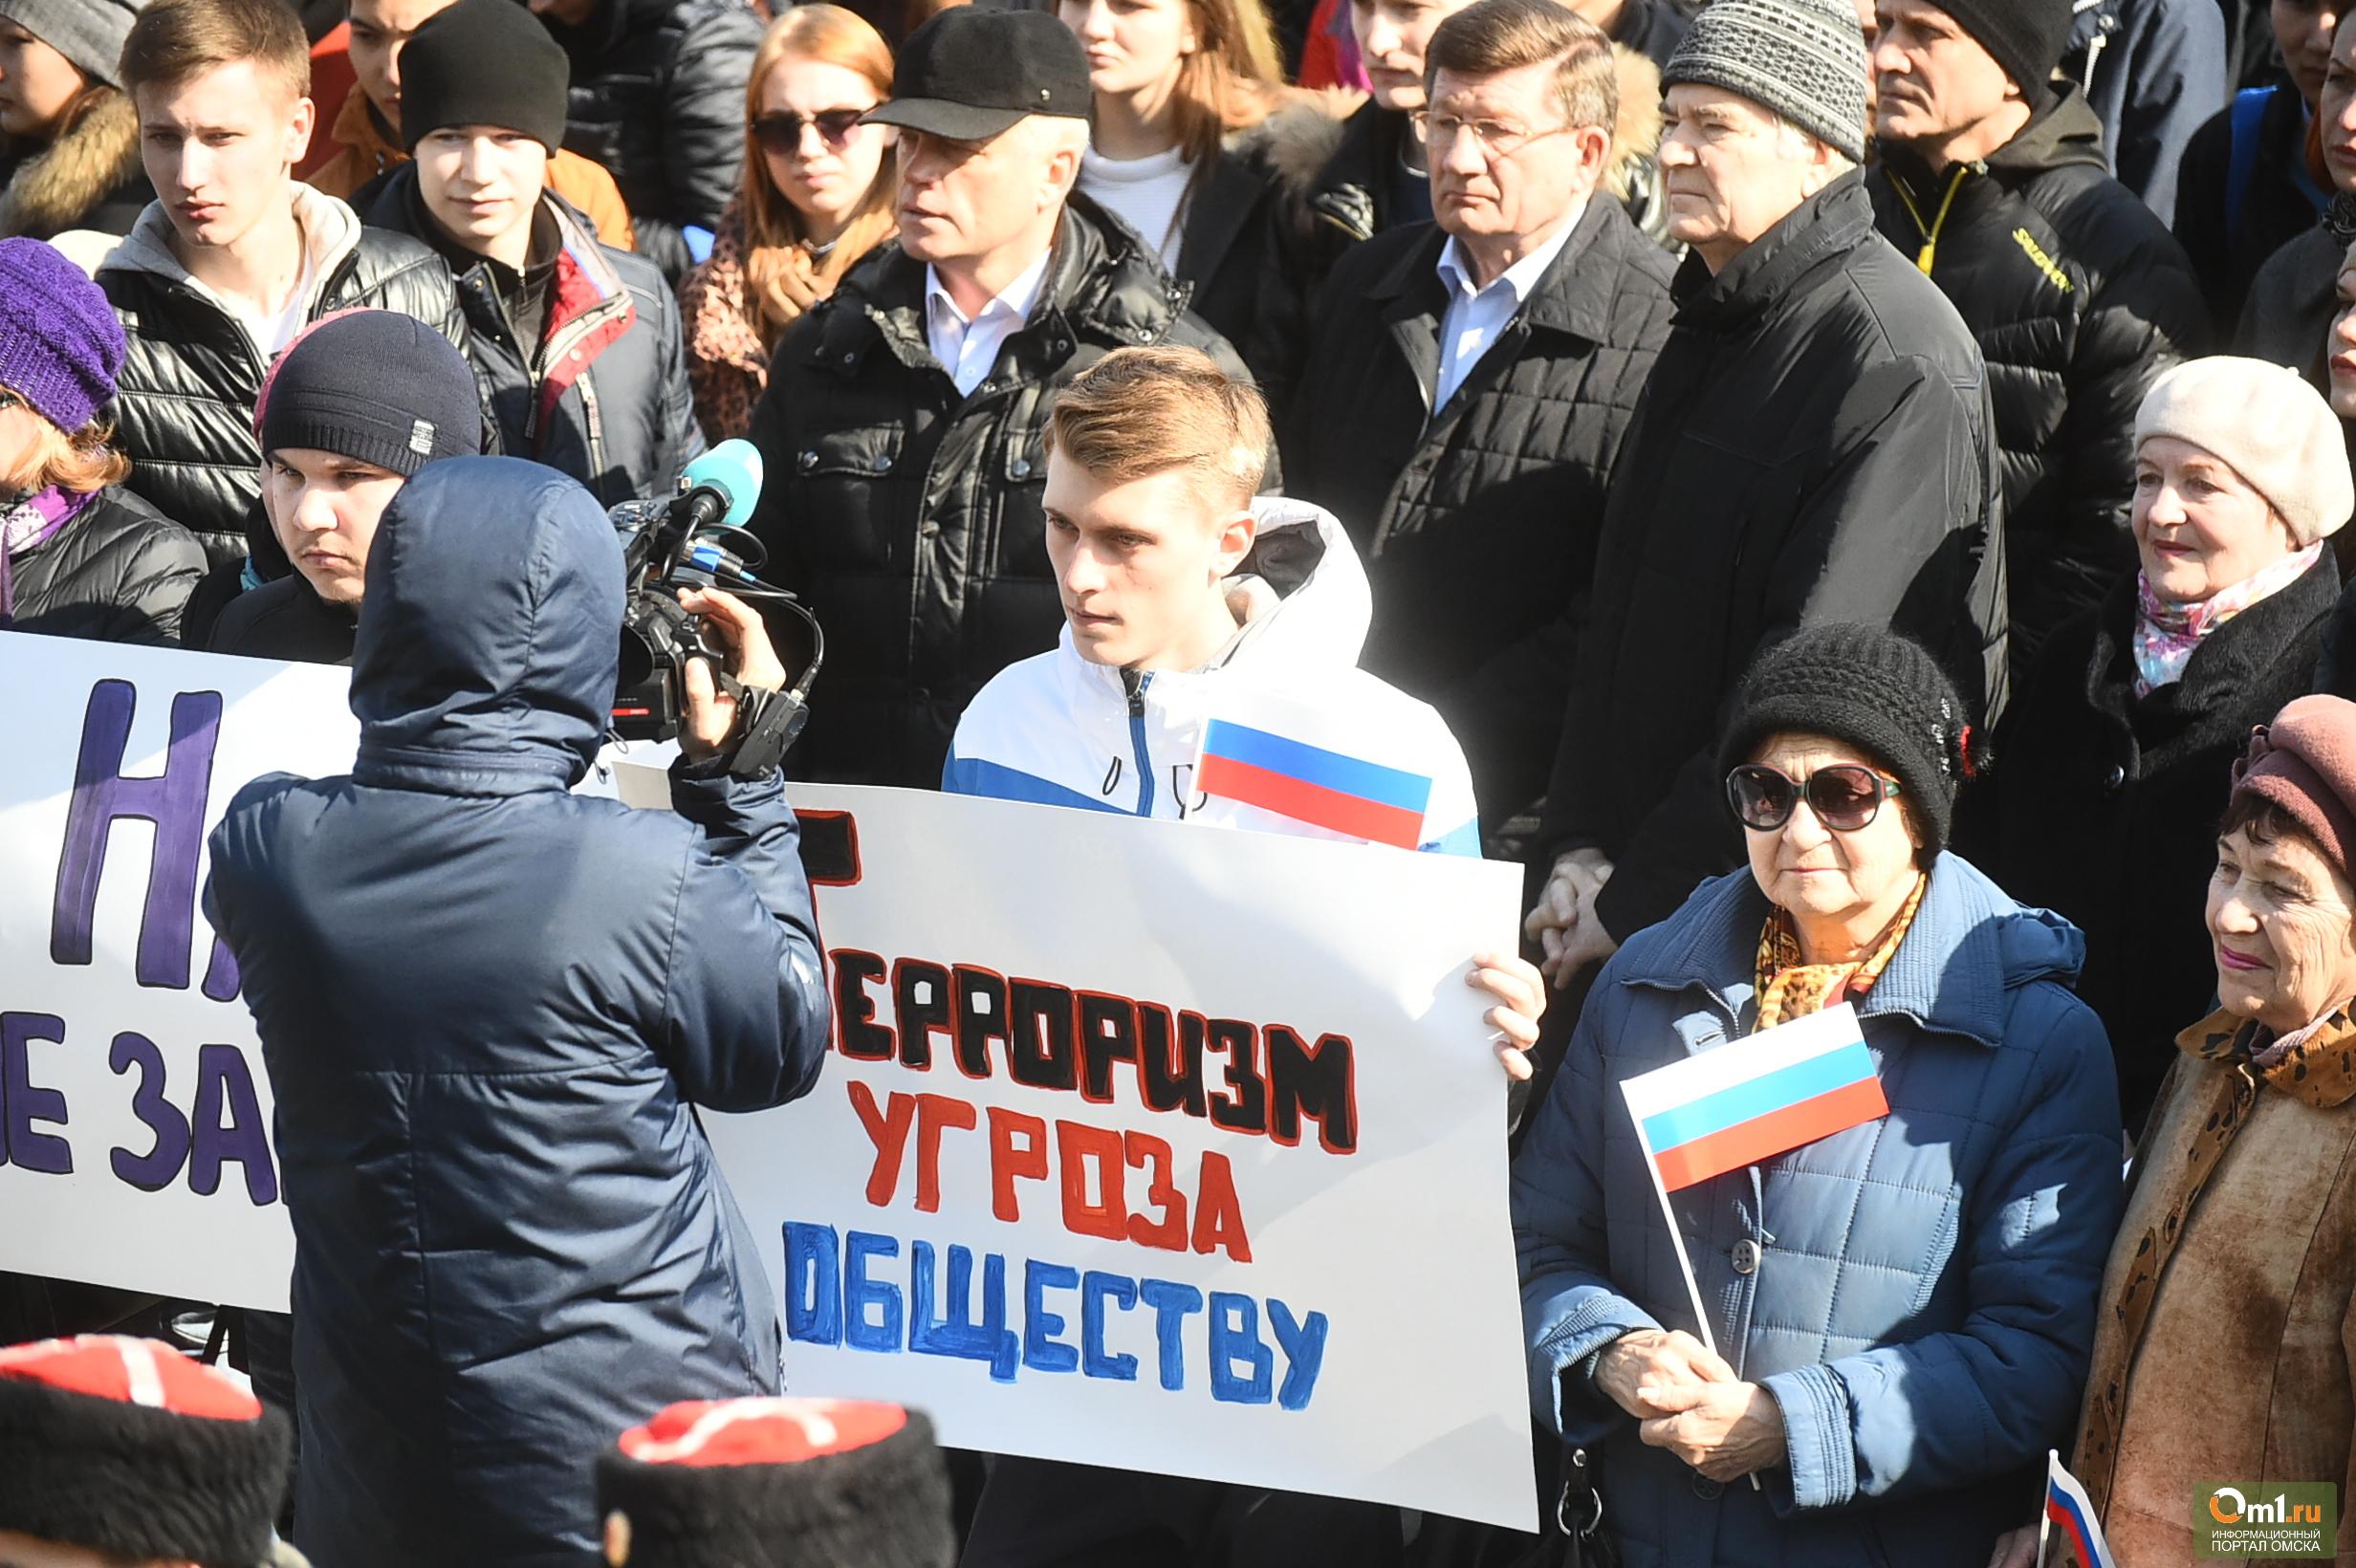 Намитинг против терроризма пришли тысячи омичей